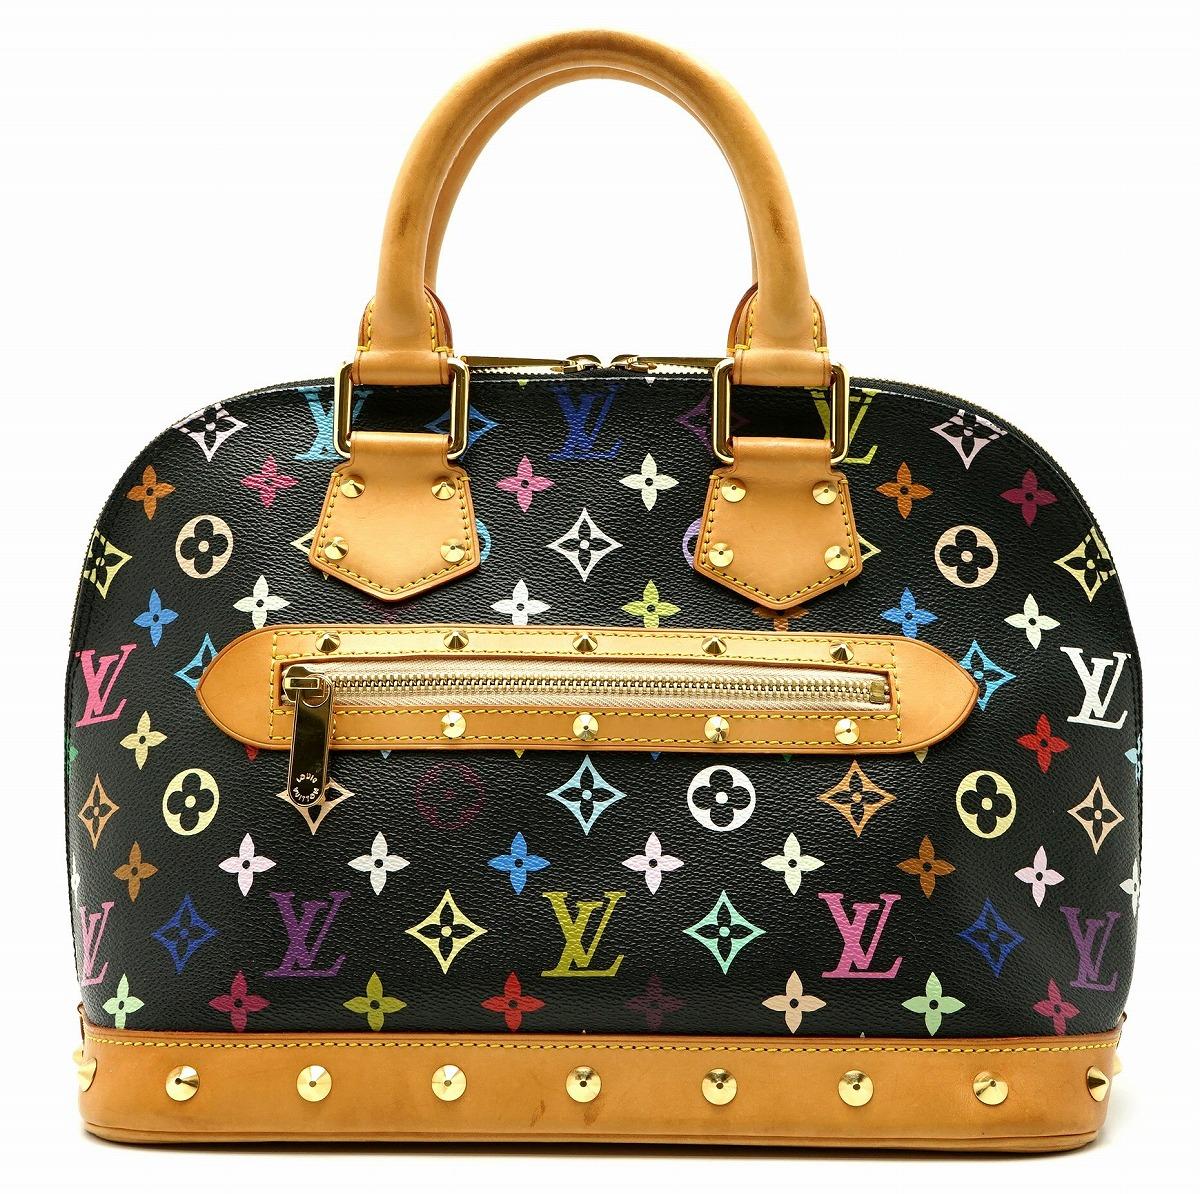 【バッグ】LOUIS VUITTON ルイ ヴィトン マルチカラー アルマ ノワール ハンドバッグ M92646 【中古】【k】【Blumin 市場店】